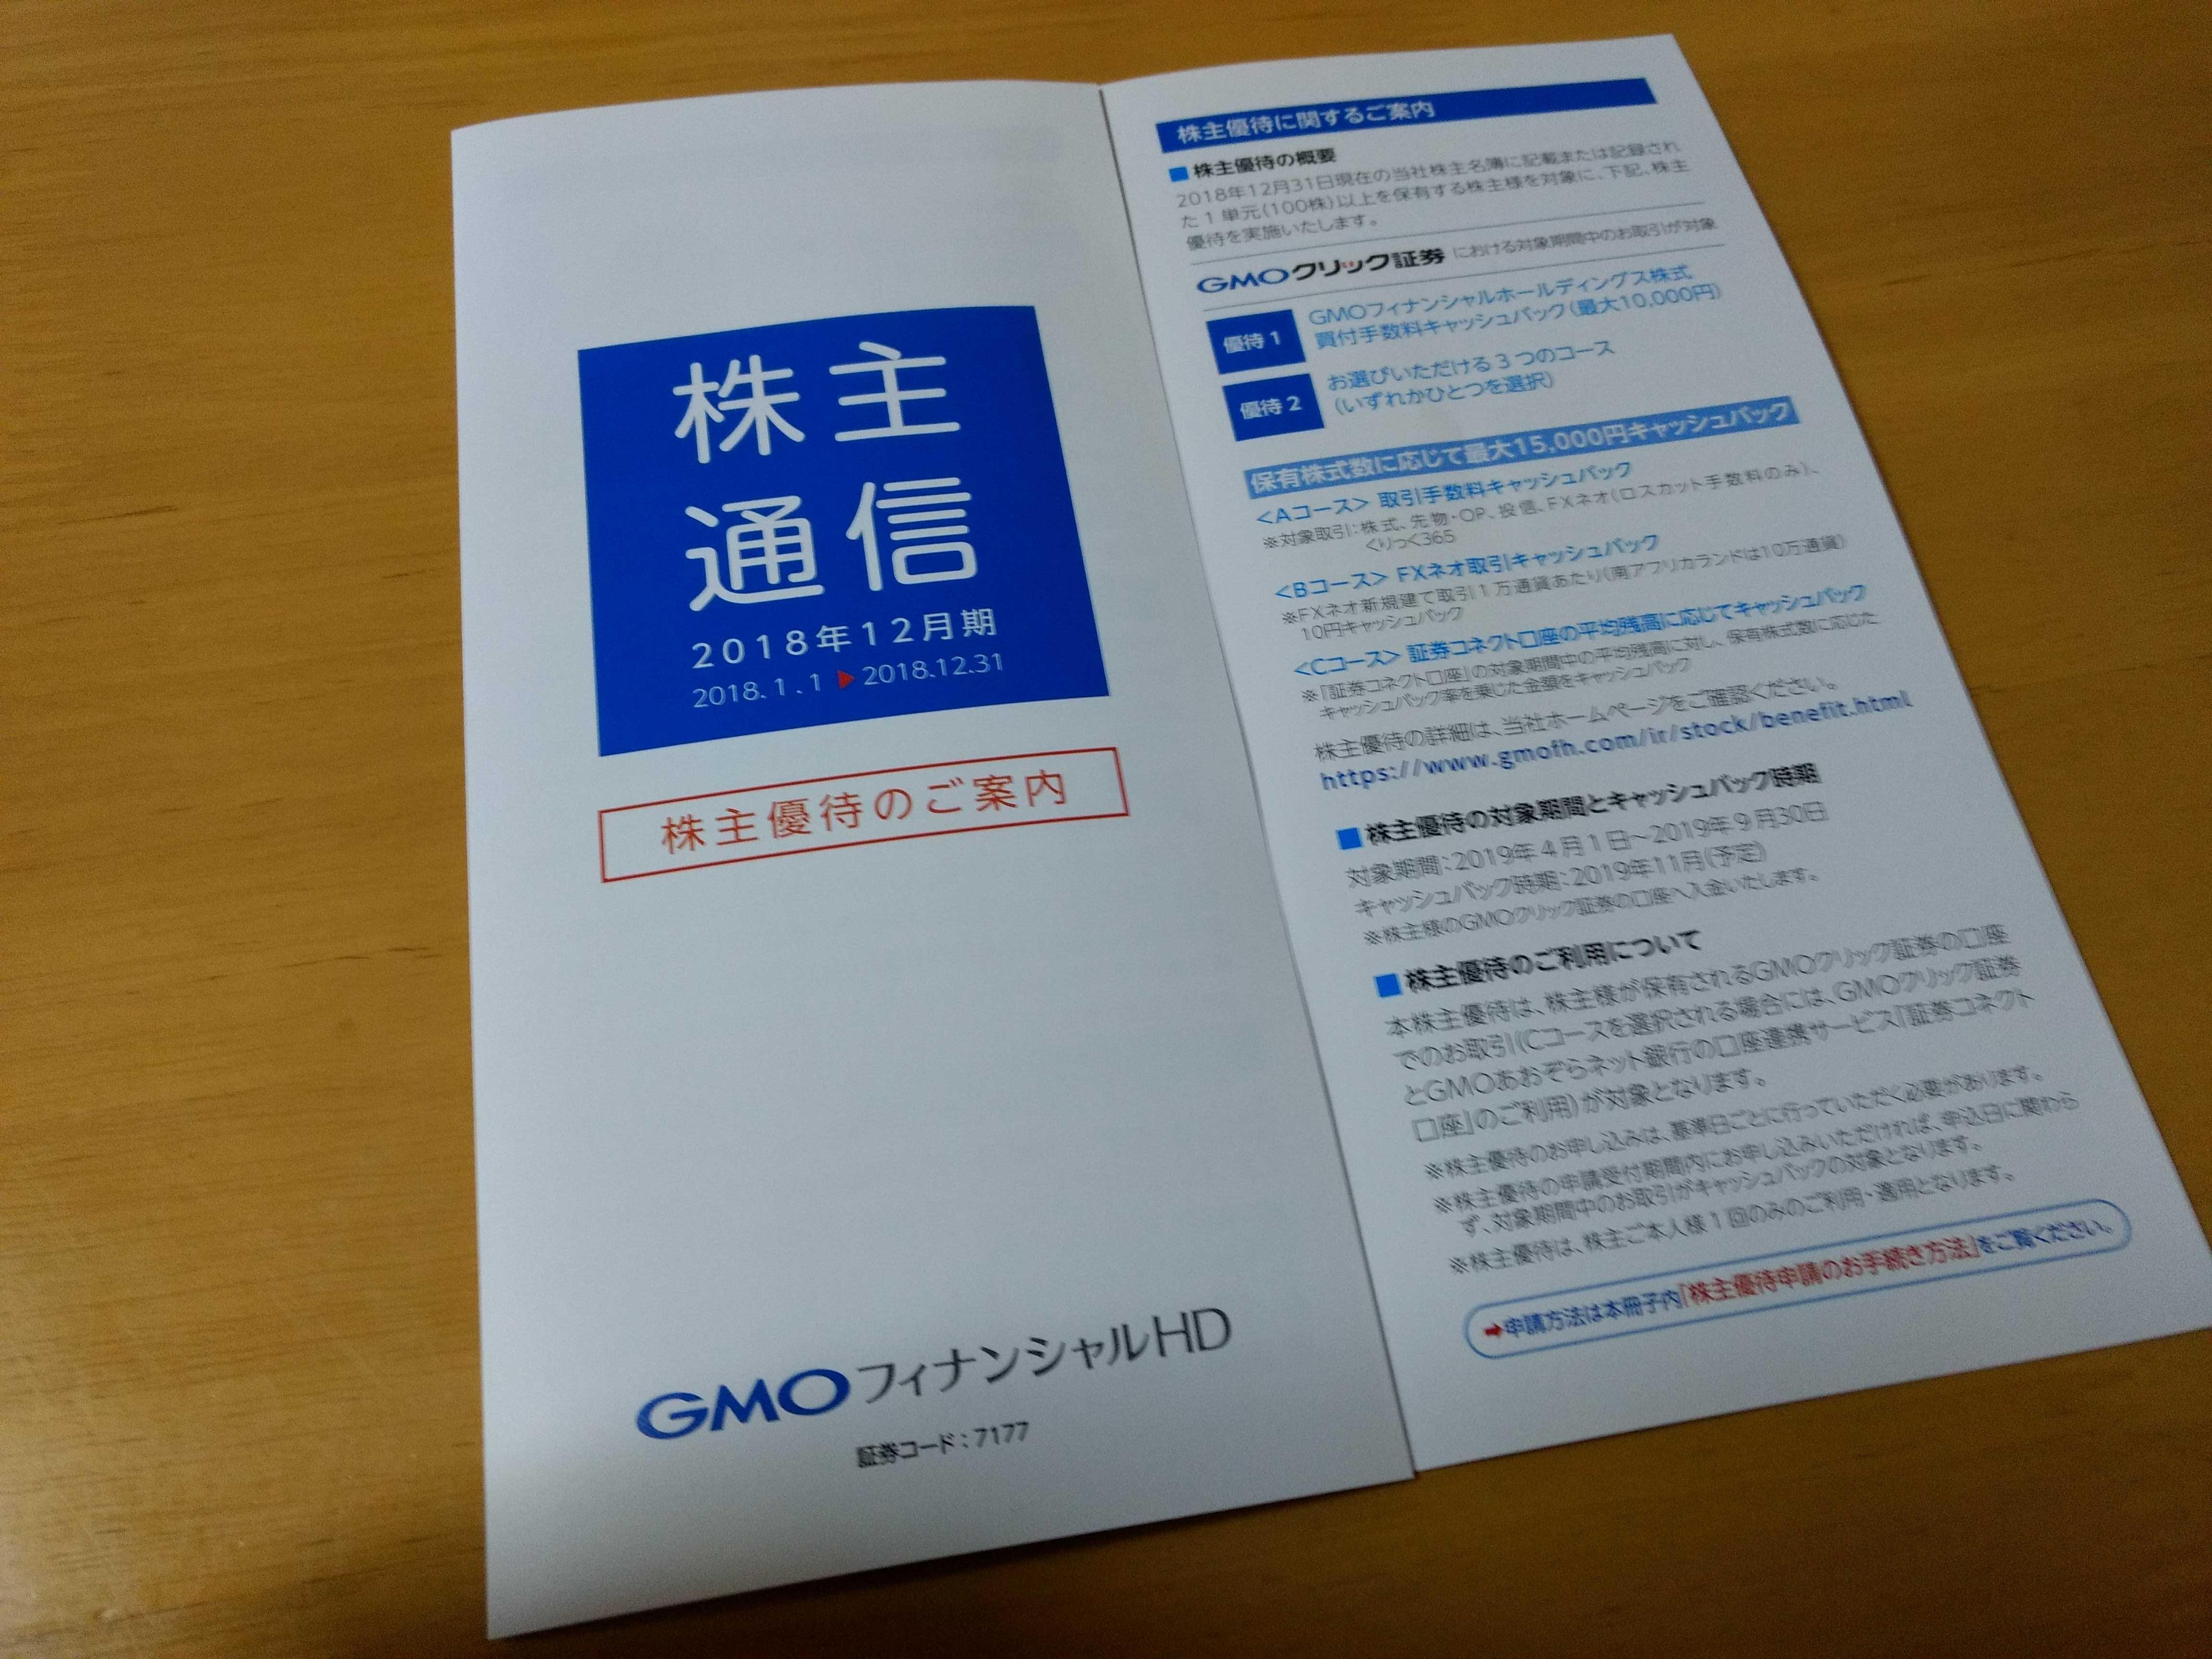 GMOフィナンシャルHD